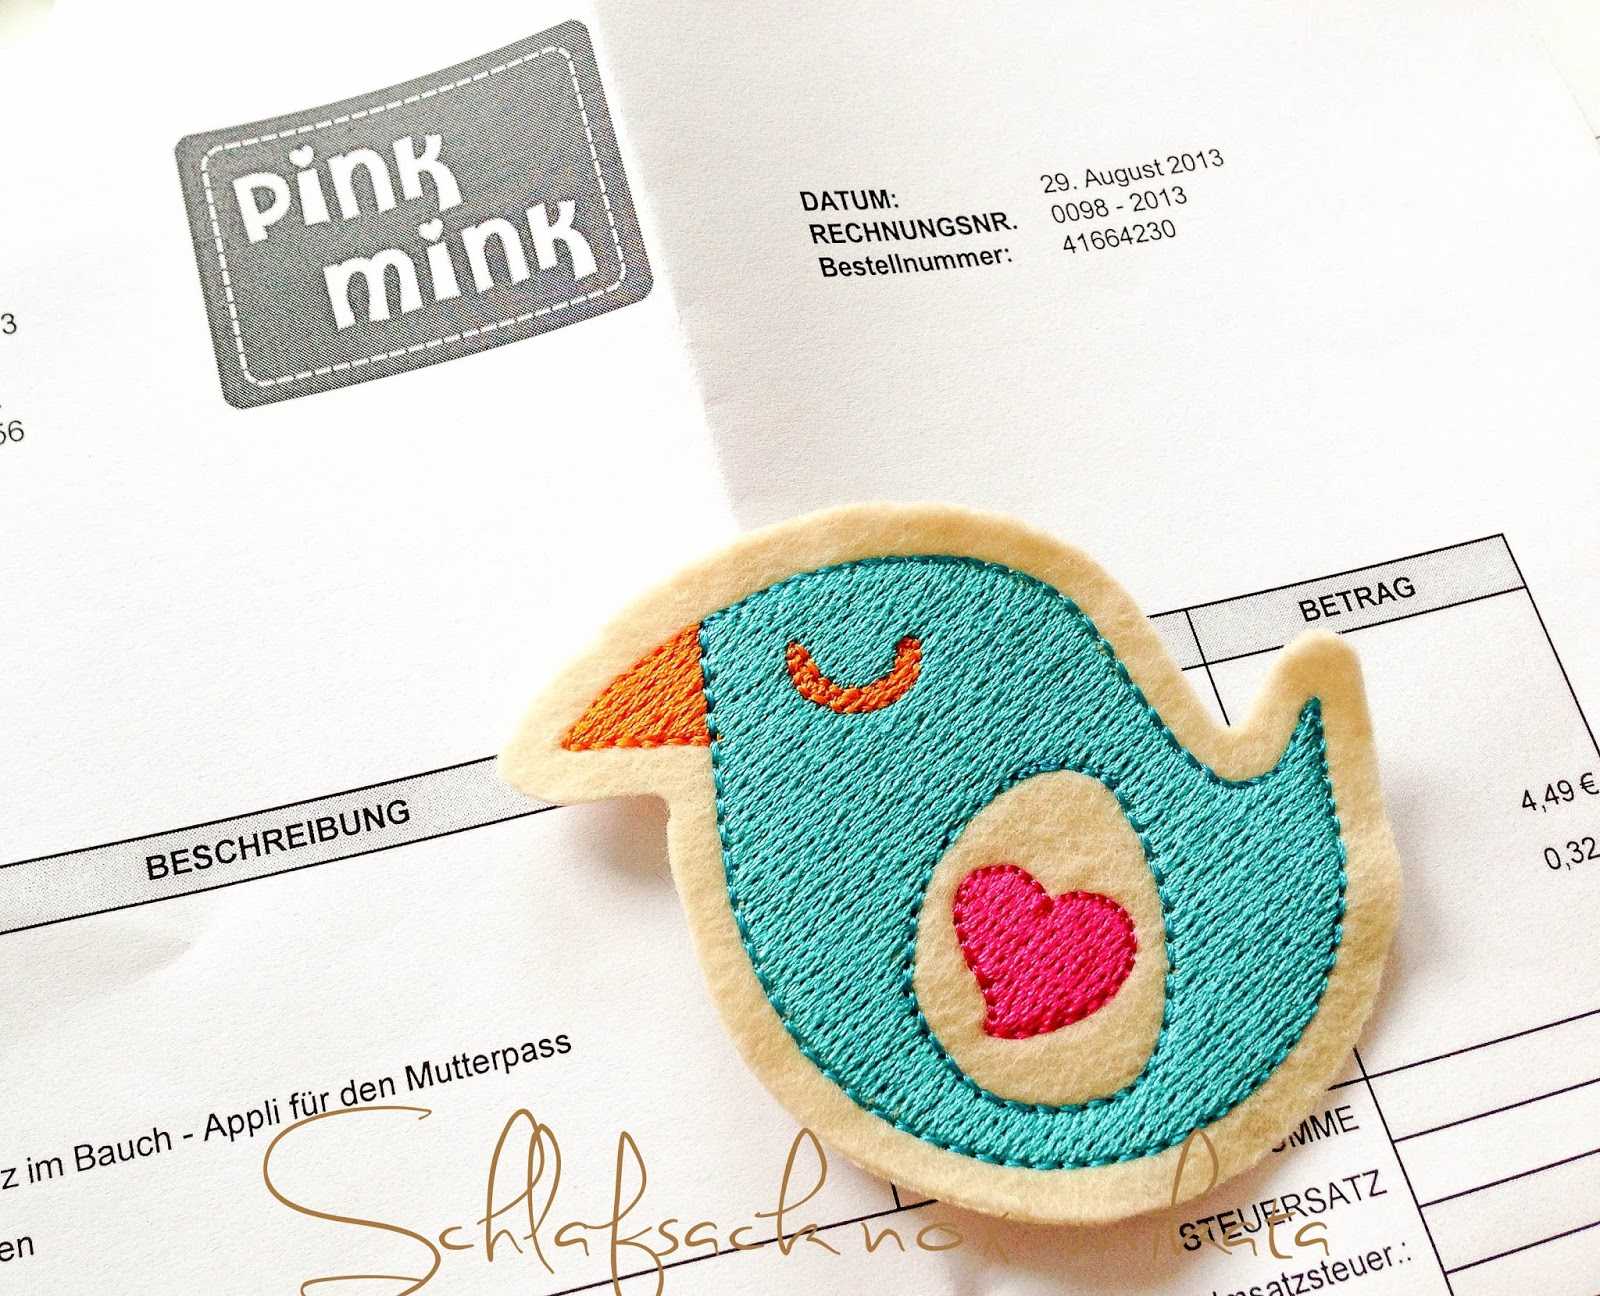 hei baby !: Schlafsack (fre)ebook von nox-unikata - ich nähe probe ...